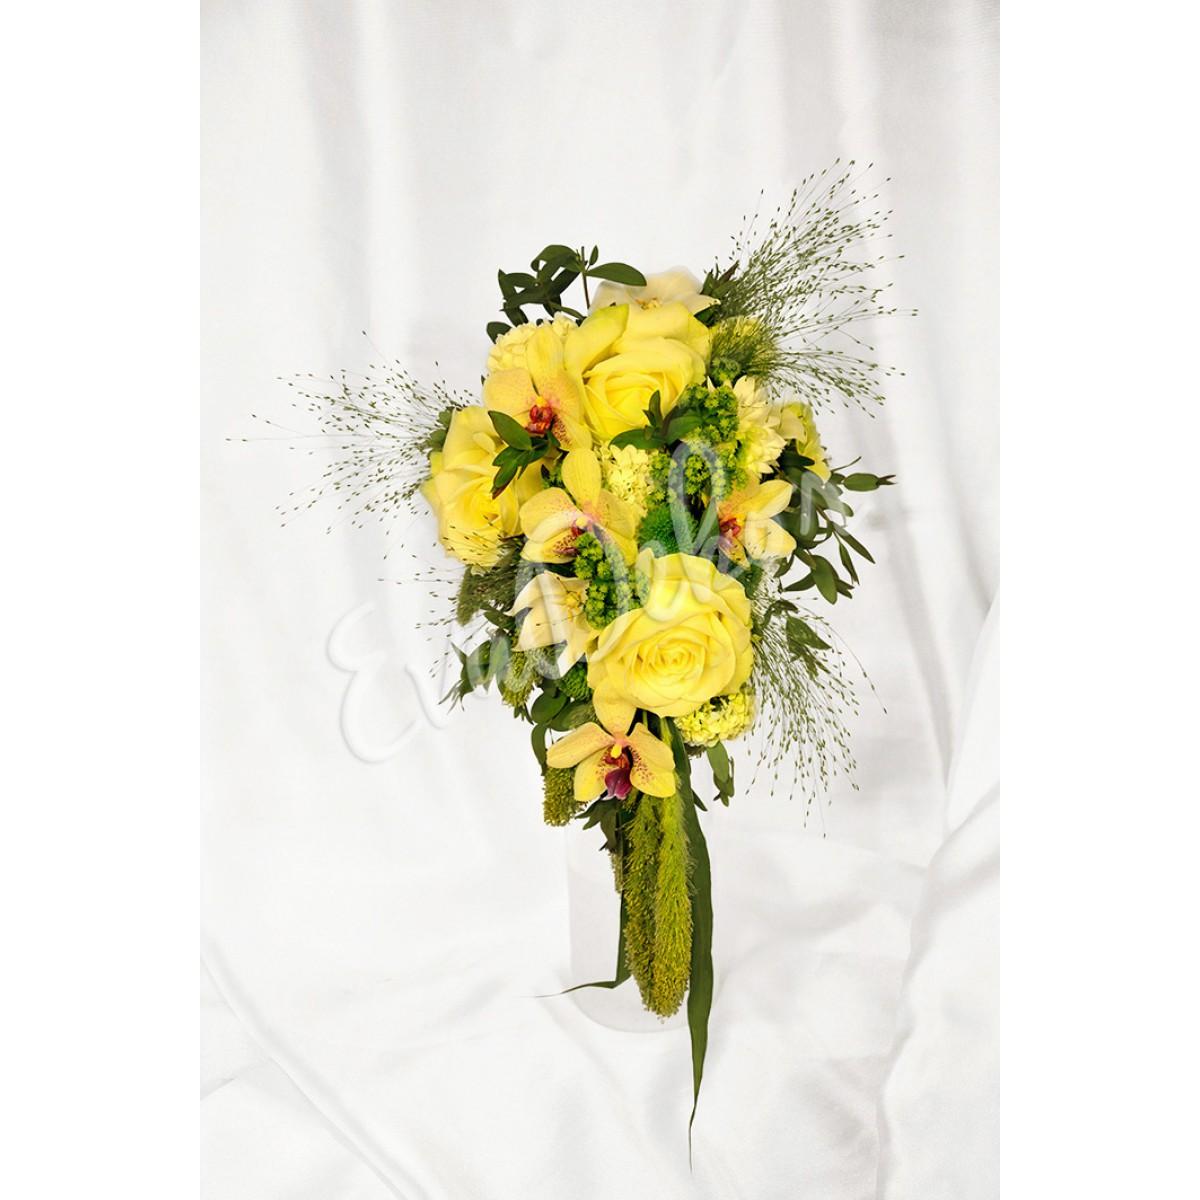 Svatební kytice Smím prosit?